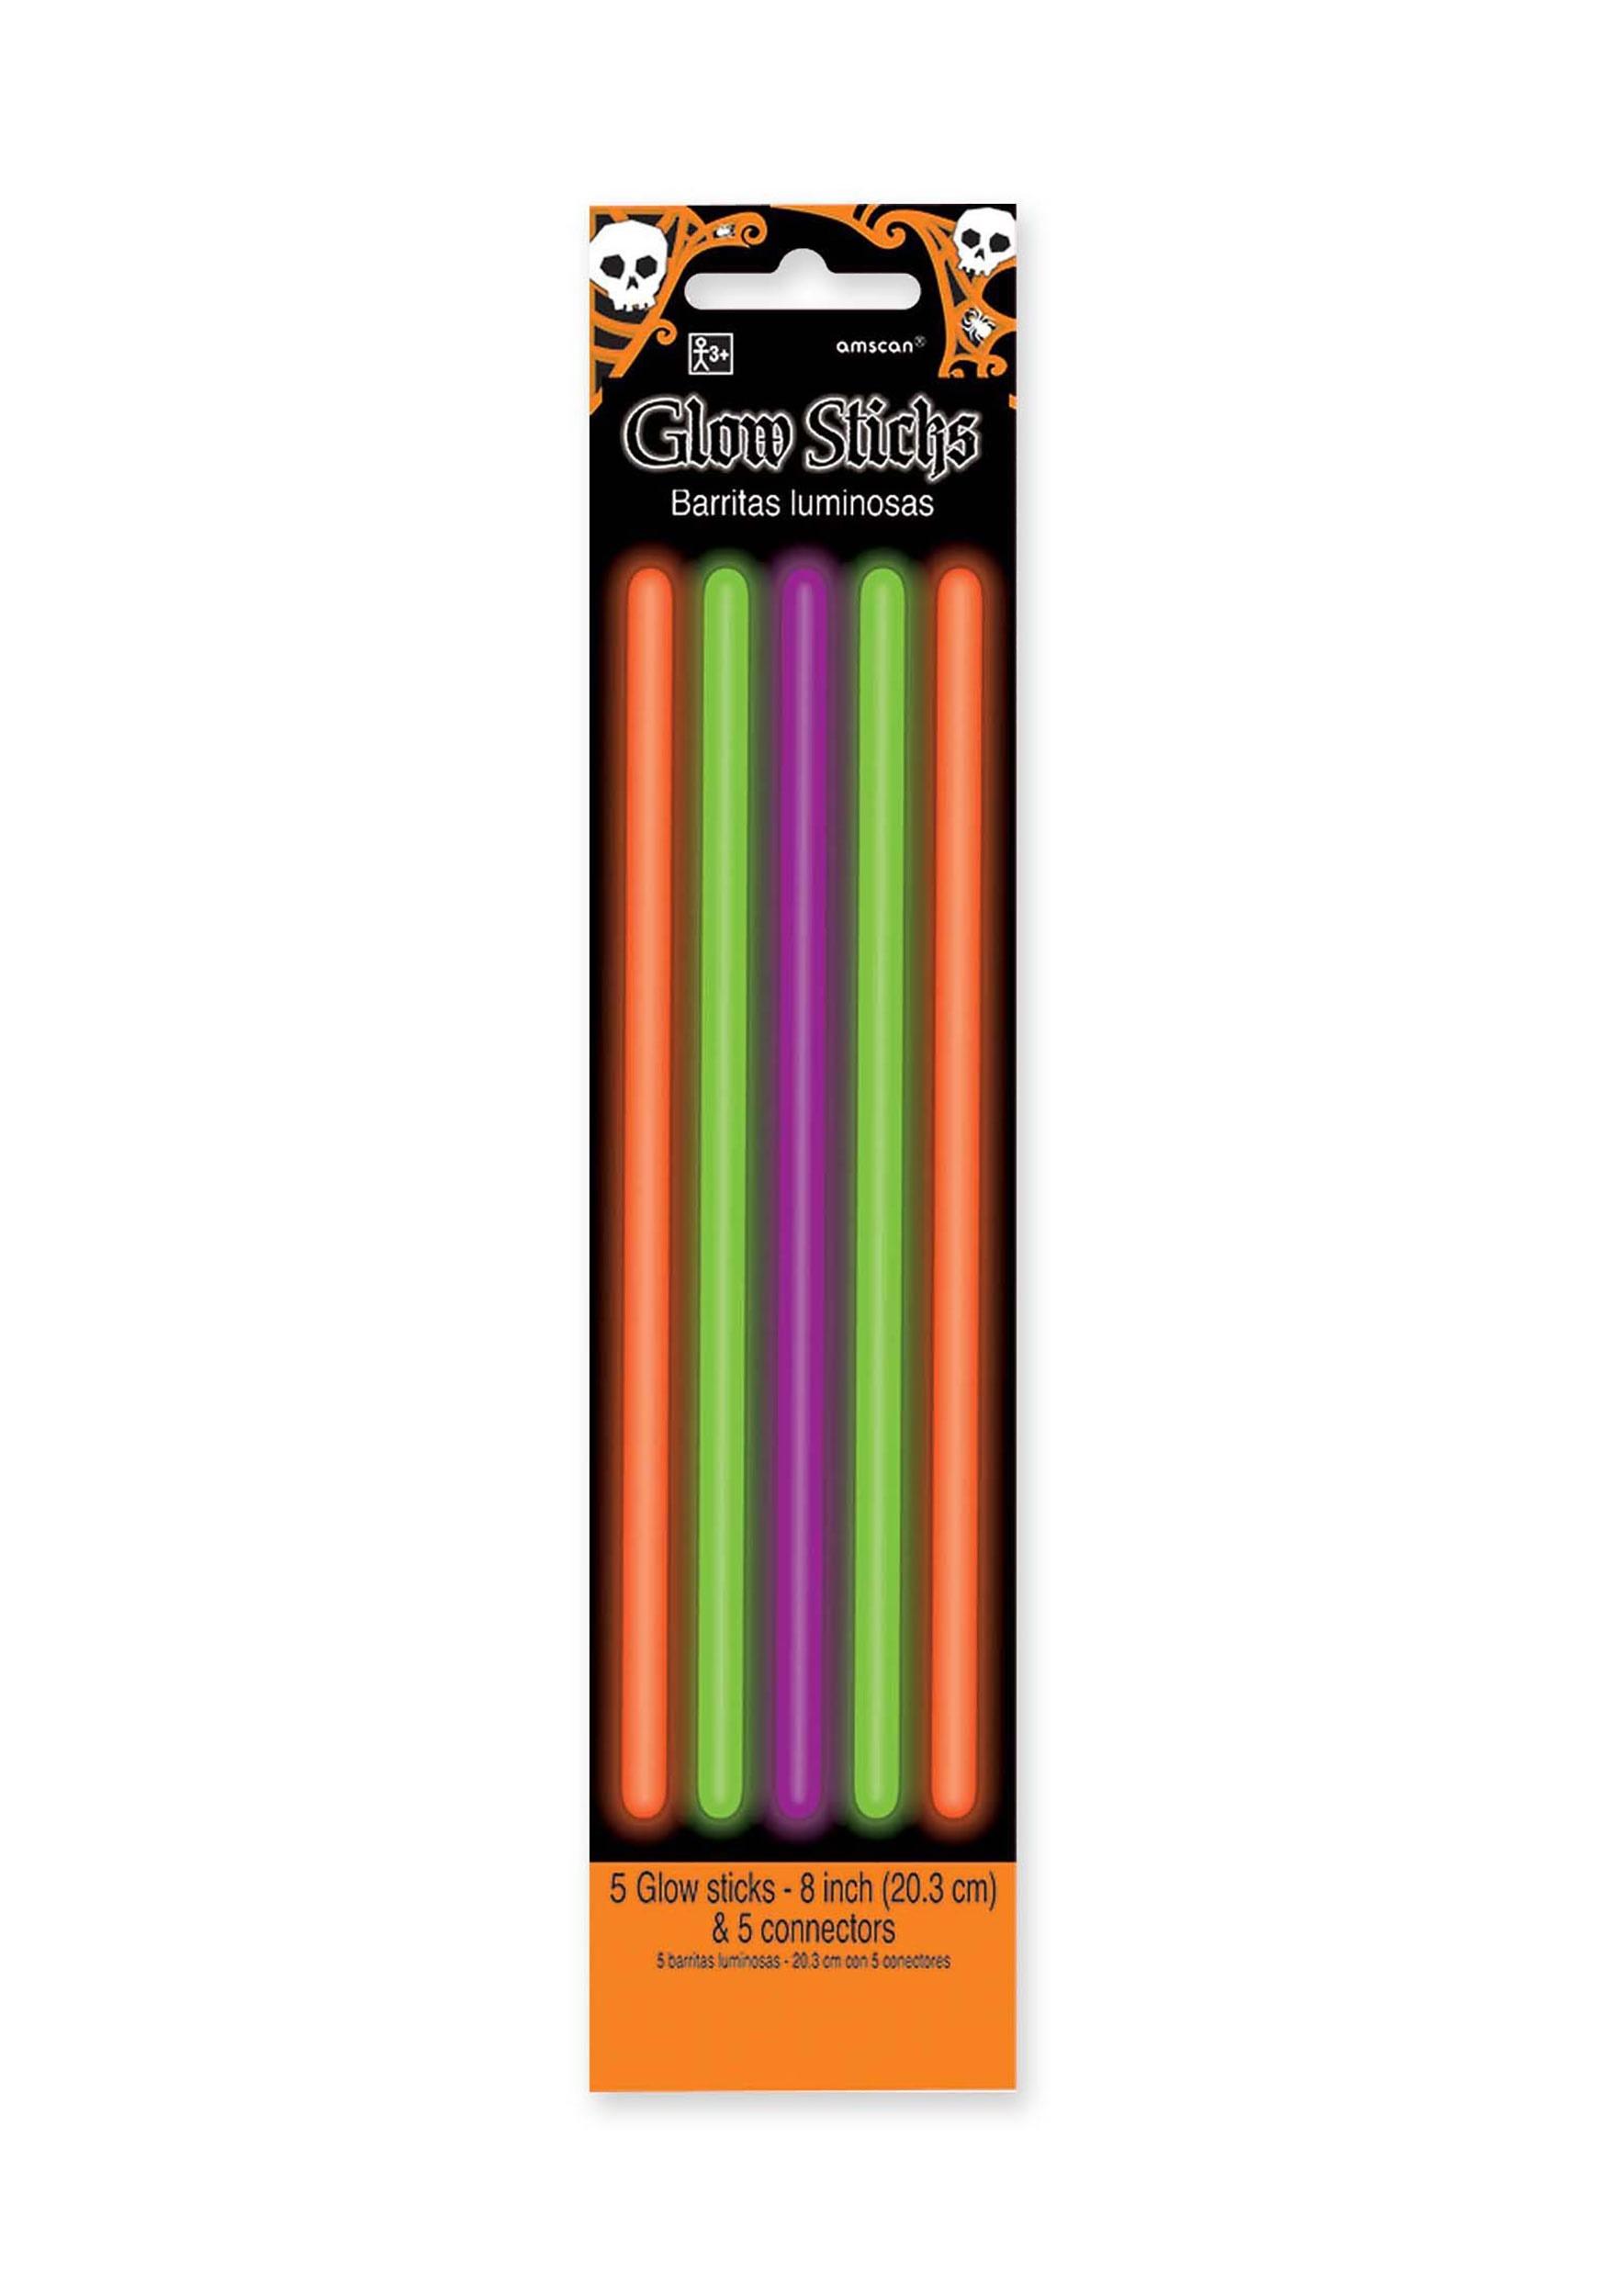 8_Inch_Glow_Sticks_5_per_pack